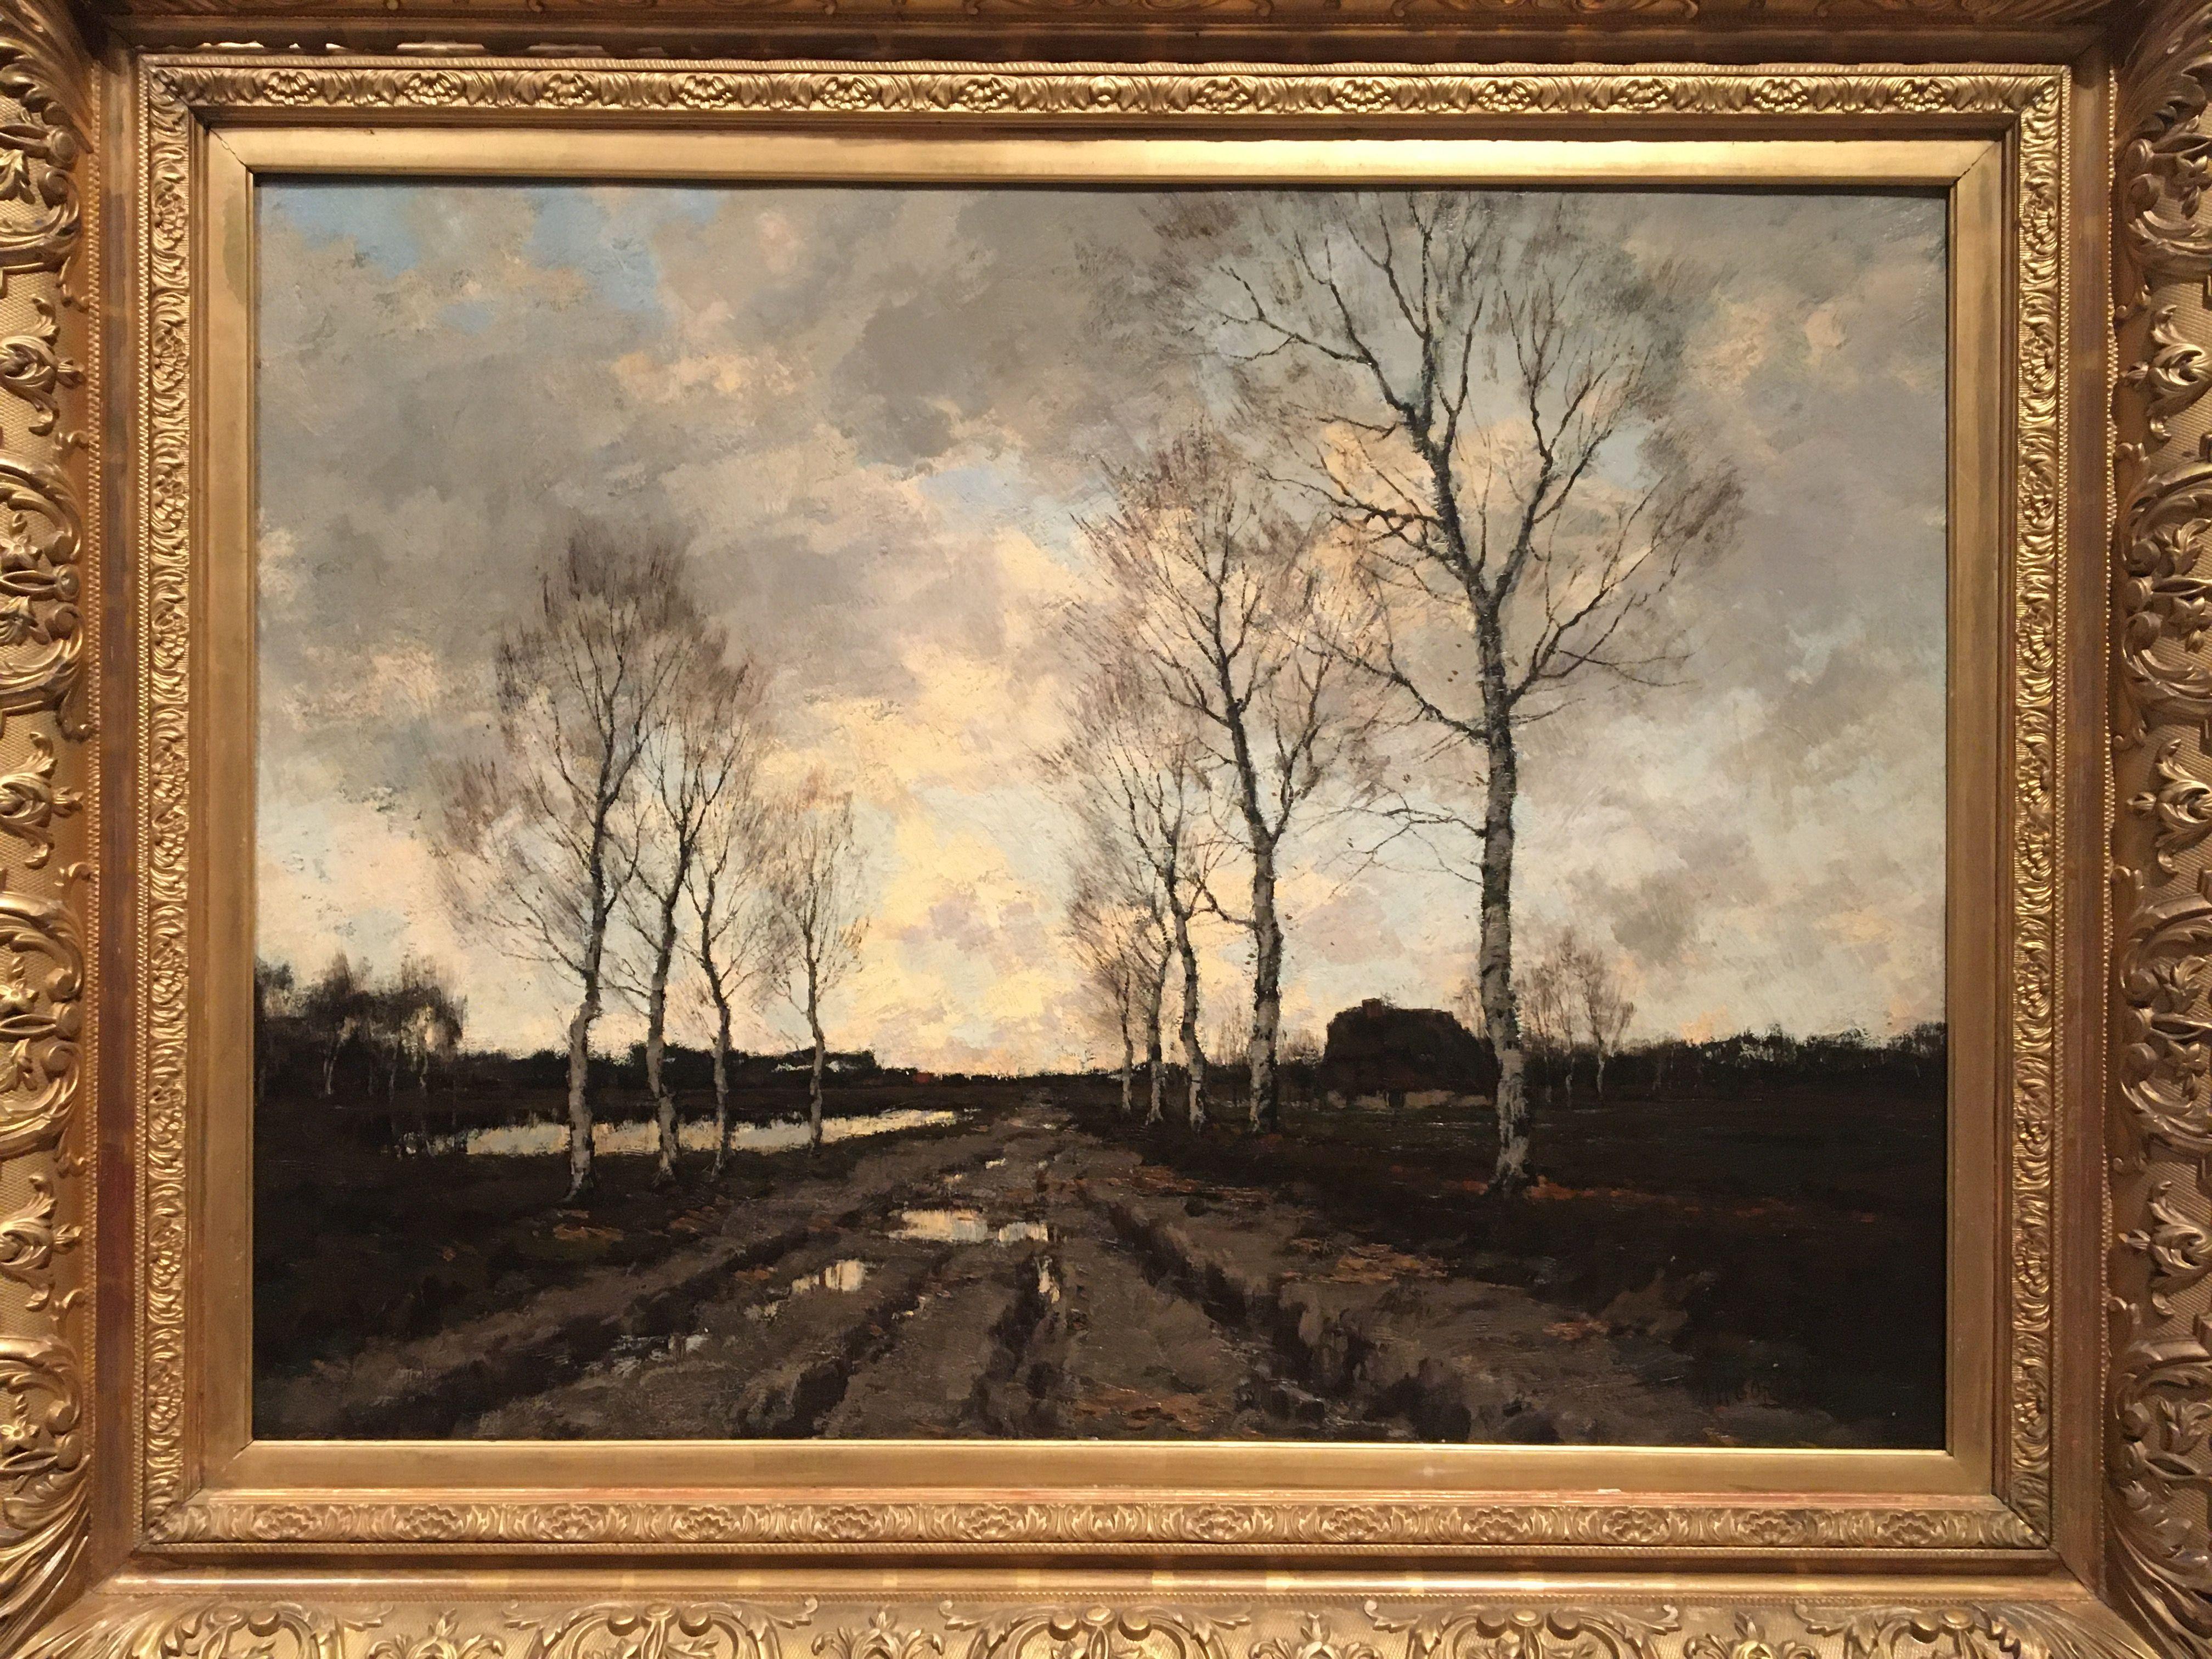 Arnold Marc Gorter 1900 Dorp In Drenthe Tentoonstelling Barbizon Van Het Noorden In Drents Museum In Assen In 2020 Museum Tentoonstelling Dorp